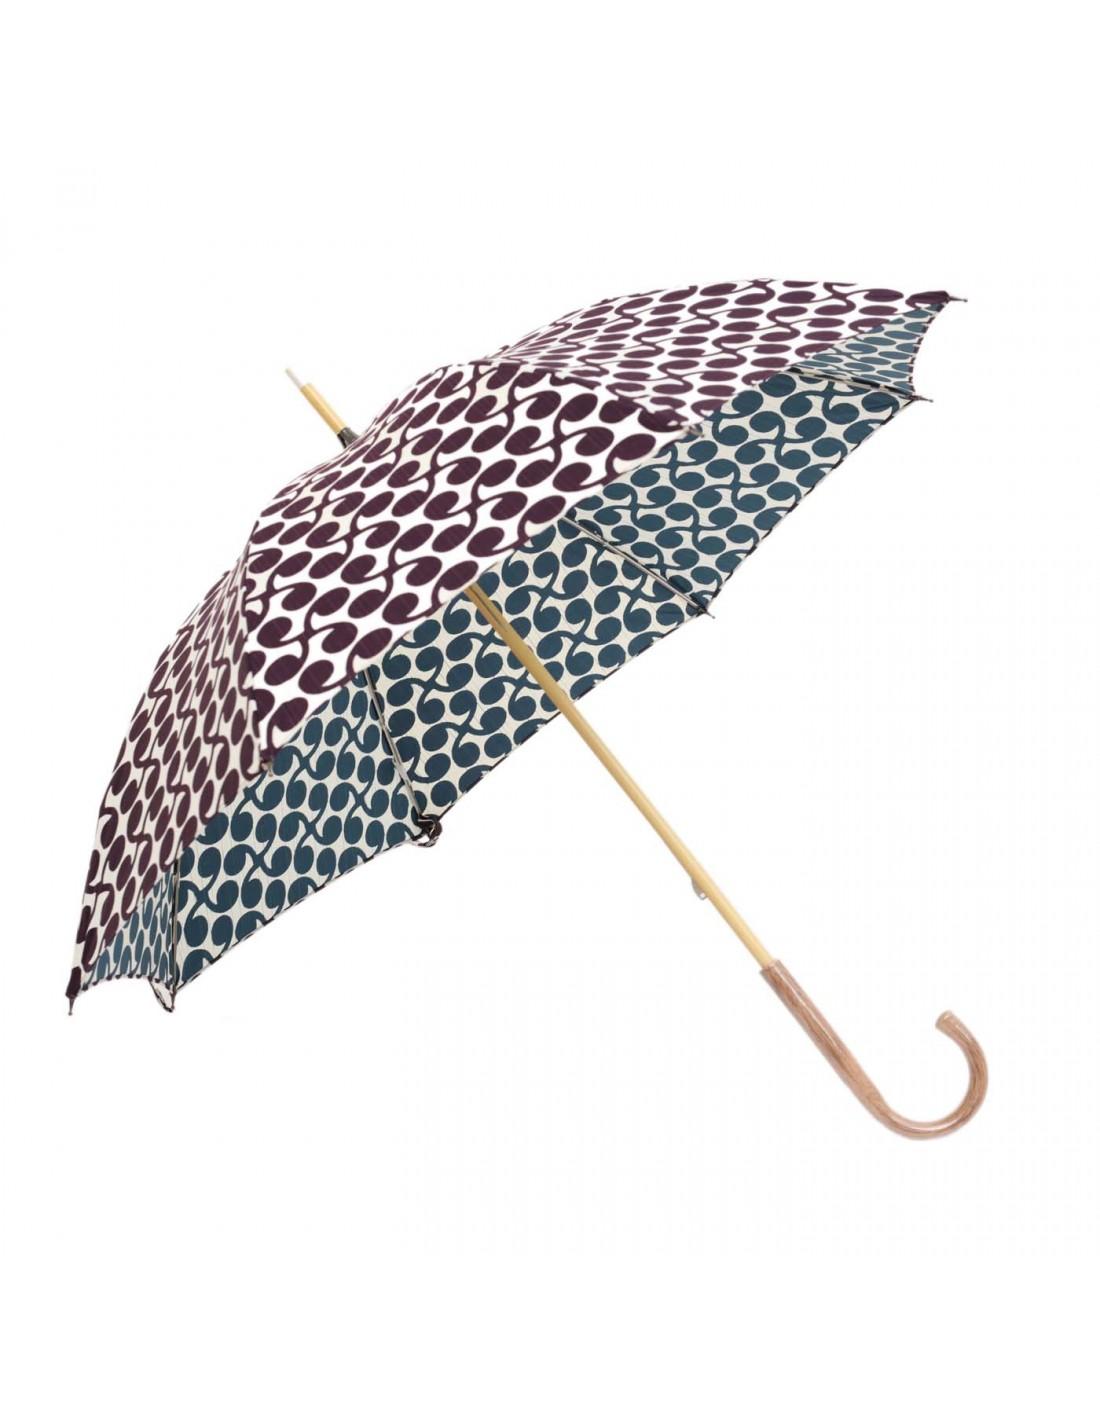 Damen Regenschirm Sprout